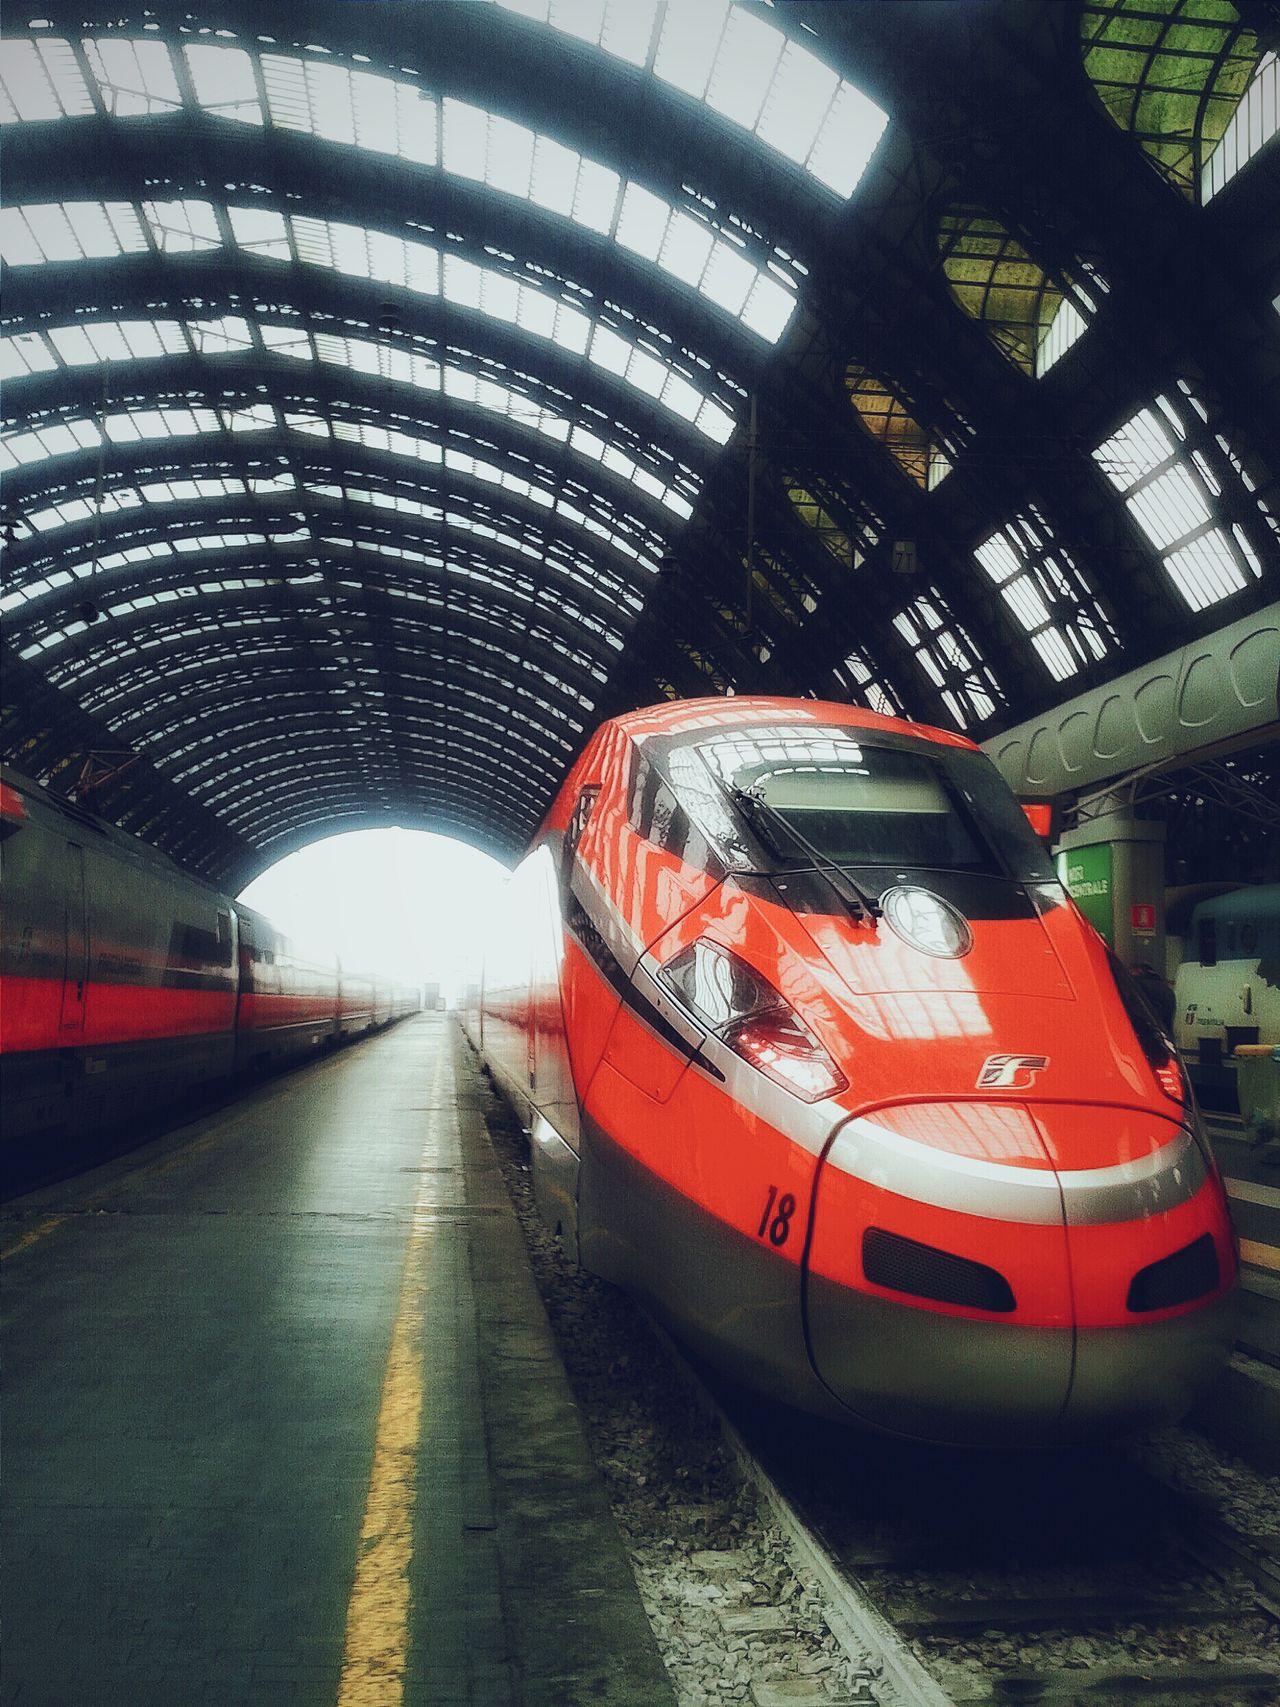 """""""Freccia Rossa 1000"""". At Stazione Centrale Milano / Train Railway Station Ferrovie Trenitalia High Speed Train Treni Frecciarossa1000 Architecture Perspective Vanishing Point Smartphone Photography with S3mini / Edited Train Porn"""